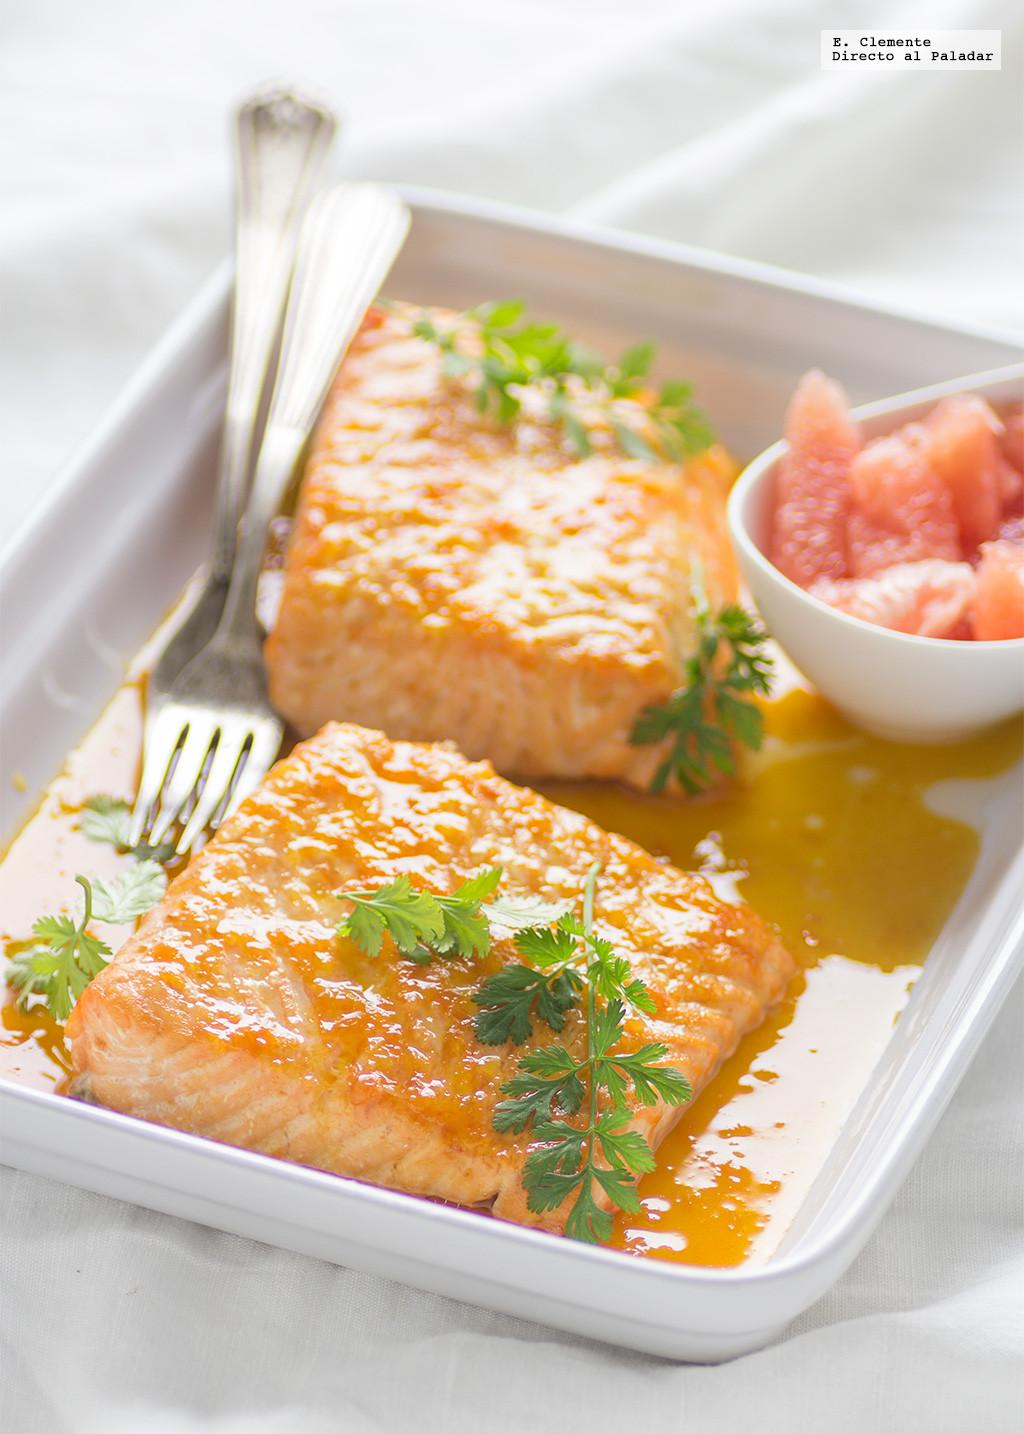 Salmón al horno con salsa de cítricos yjengibre